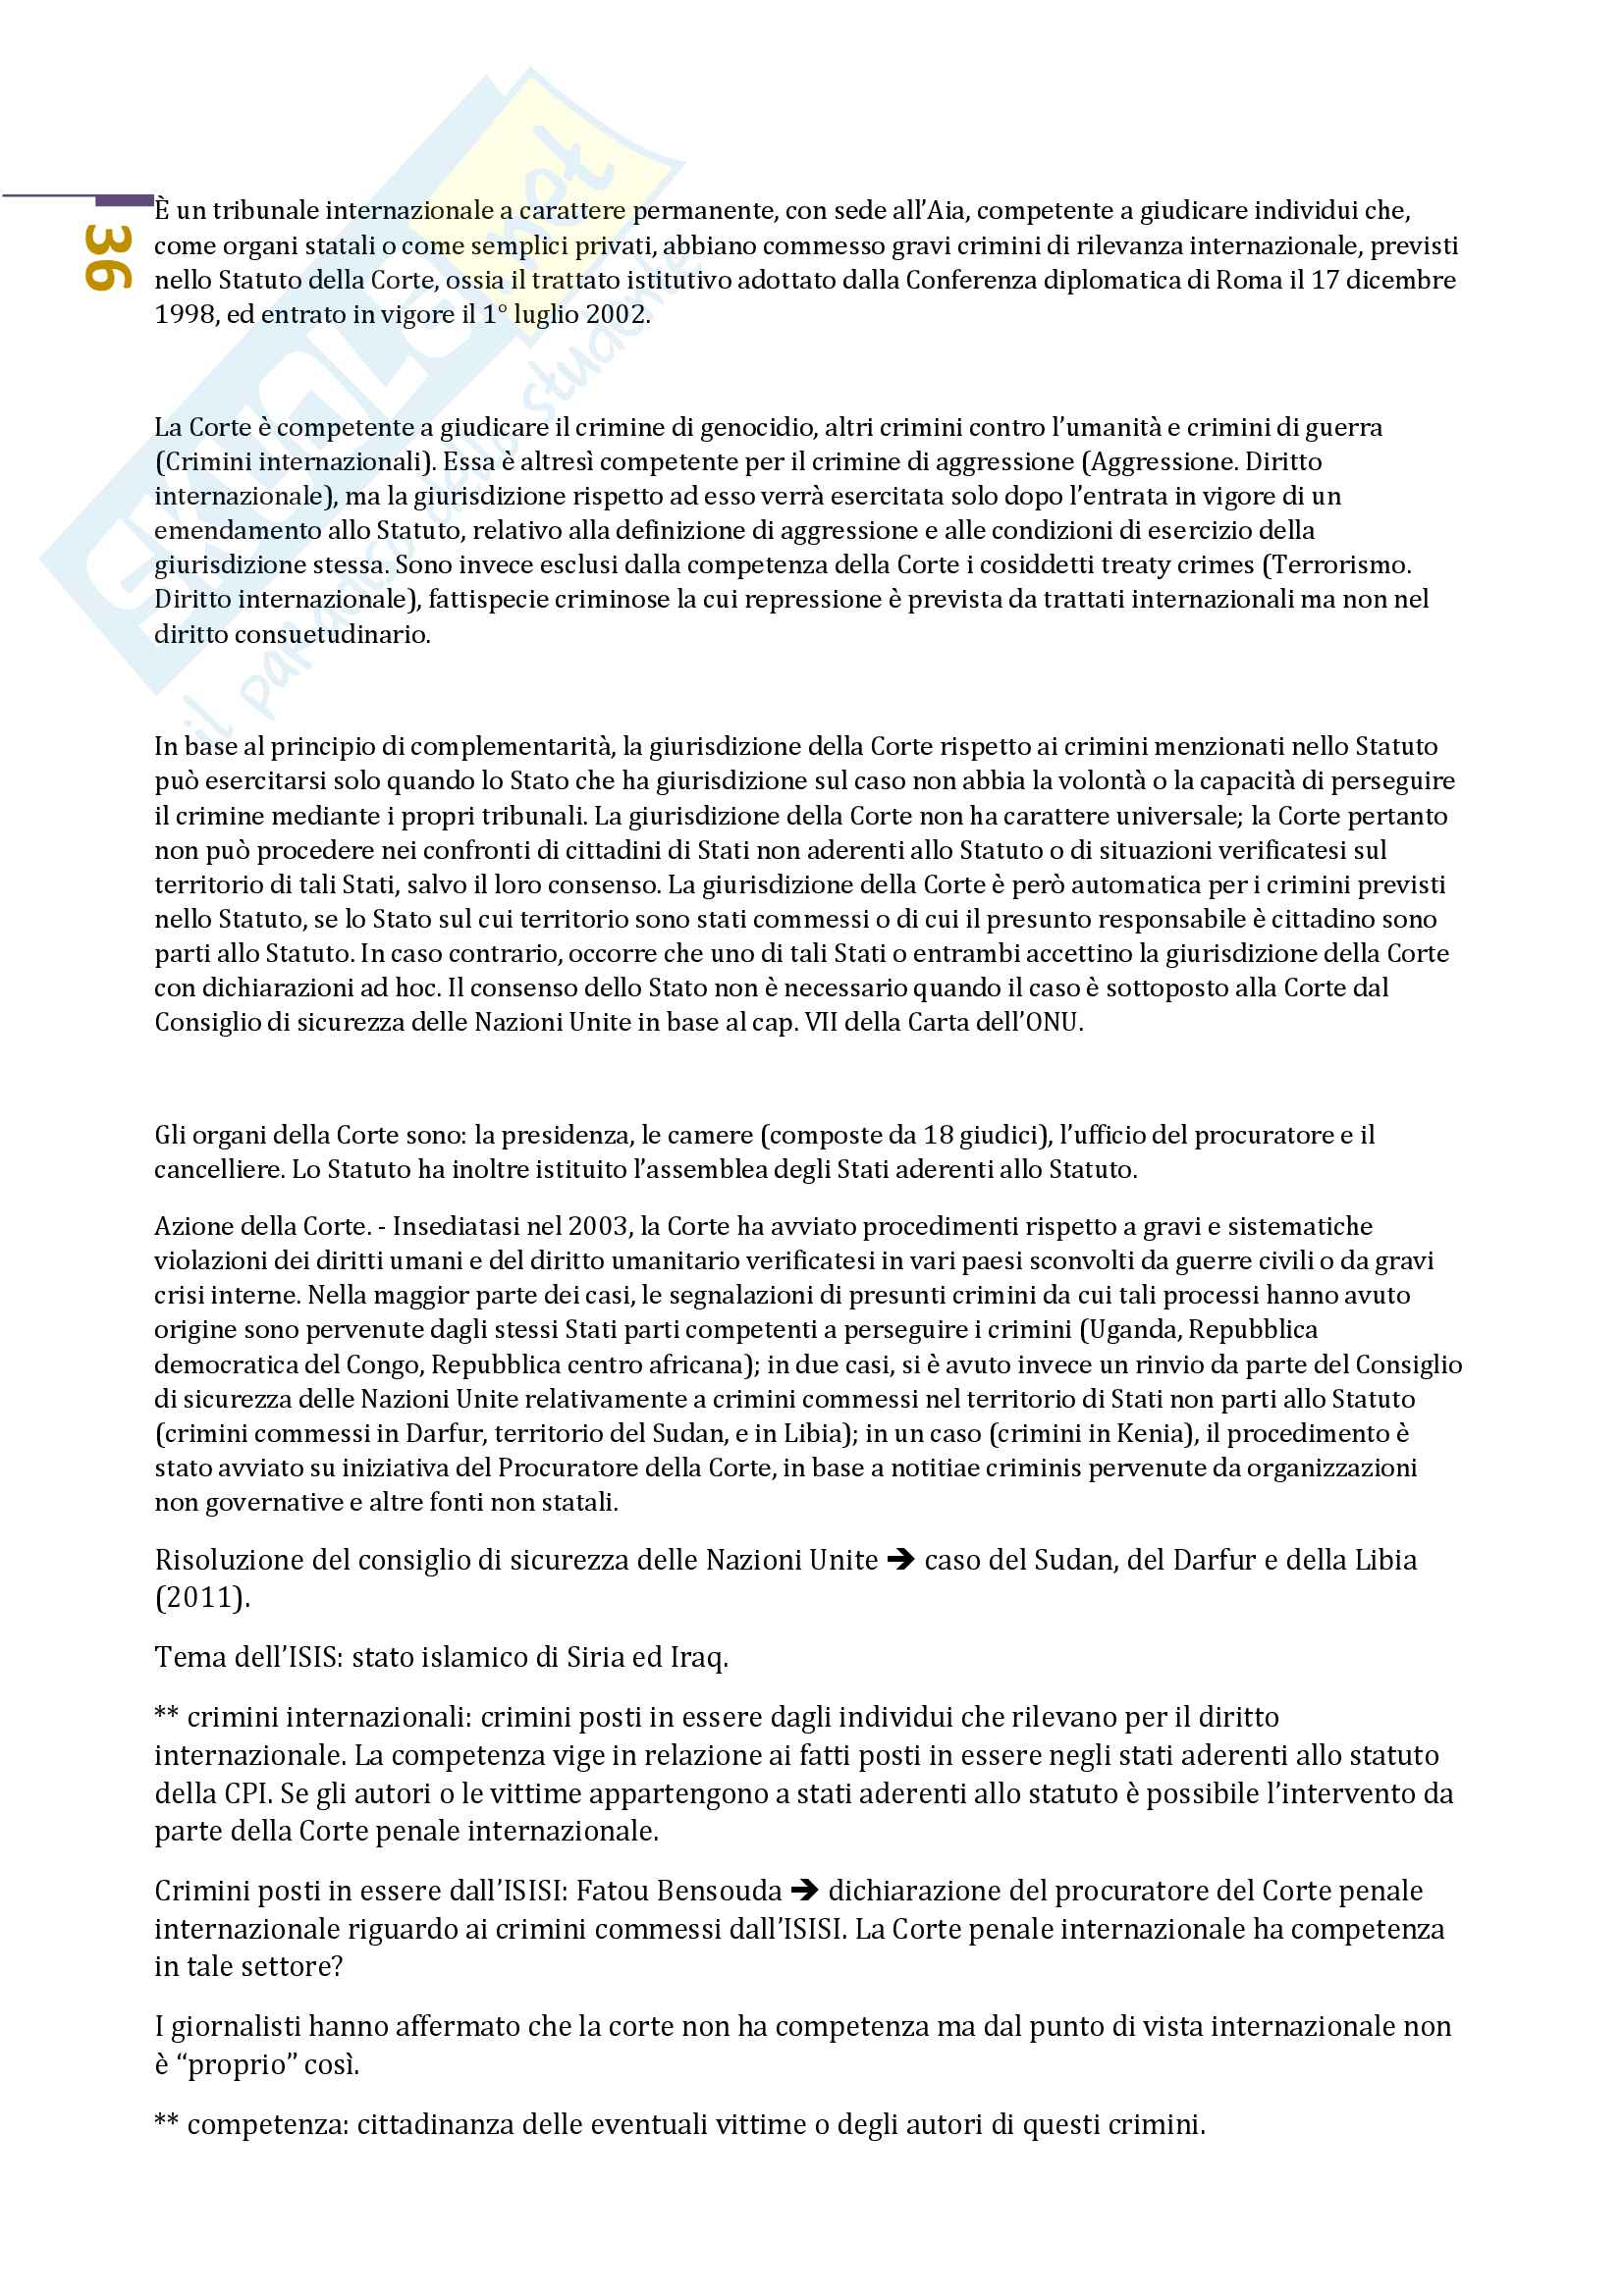 Diritto internazionale Prof. Nesi (Unitn) Pag. 36